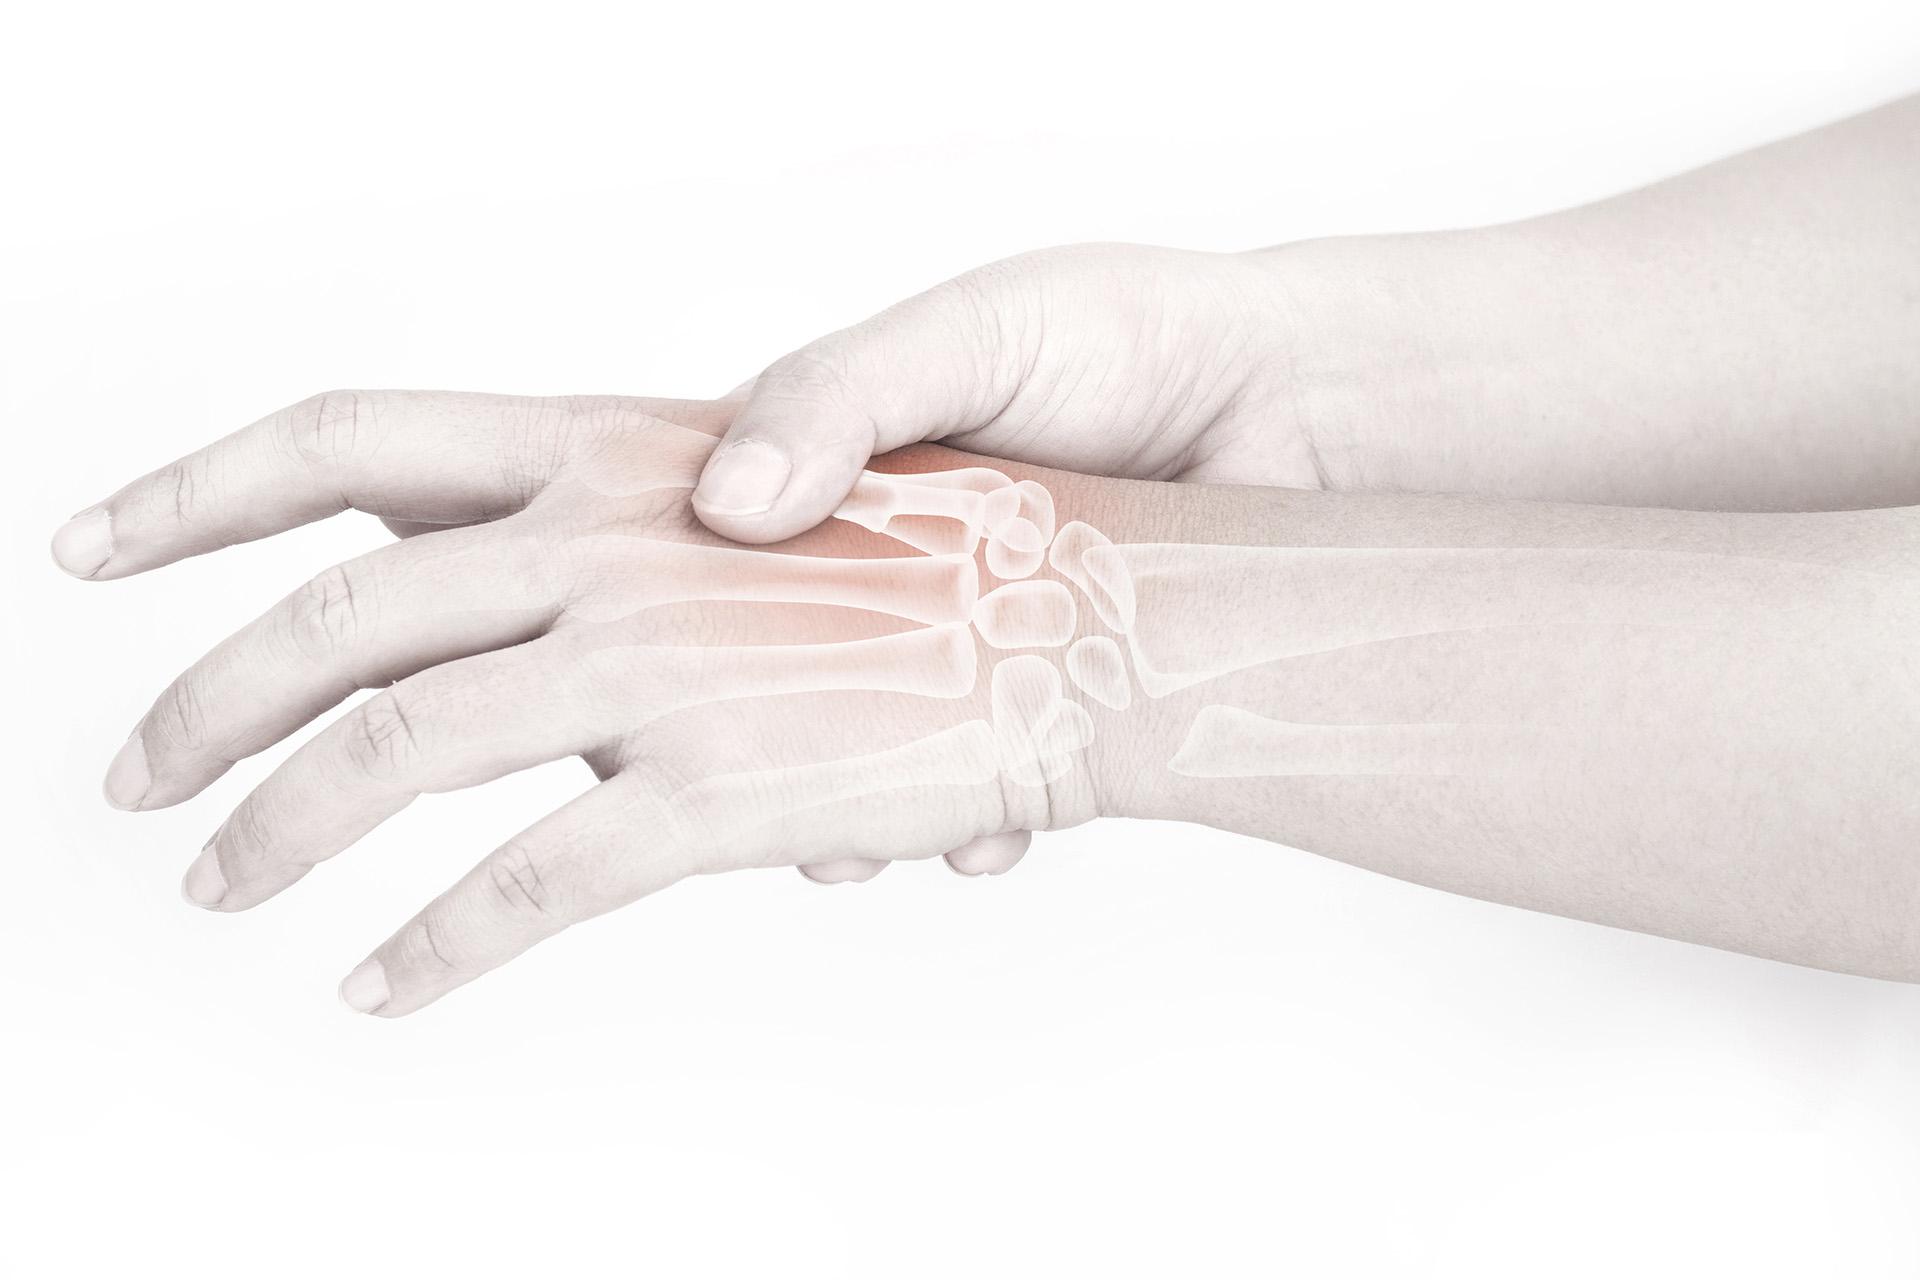 Capsulitis en la articulación interfalángica de la mano